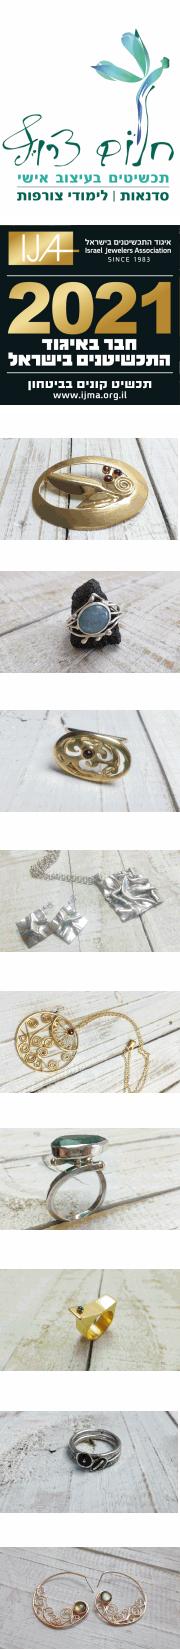 חלום צרוף - תכשיטים בעיצוב אישי - קורס עיצוב תכשיטים - מודיעין